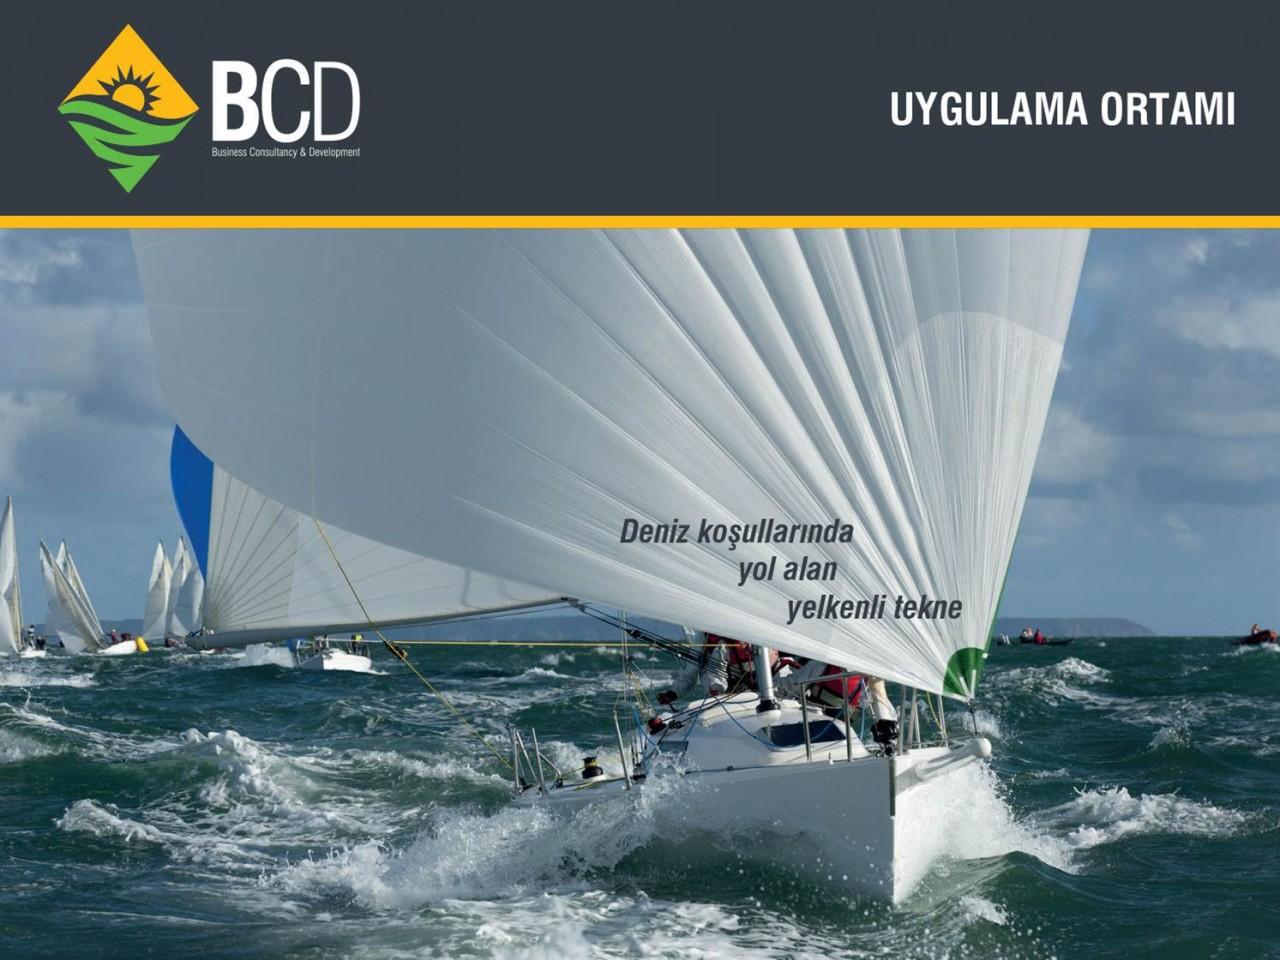 bcdturkey yelken liderlik takim ruhu 6 Yelkenli Tekne ile Liderlik ve Takım Ruhu Eğitimi